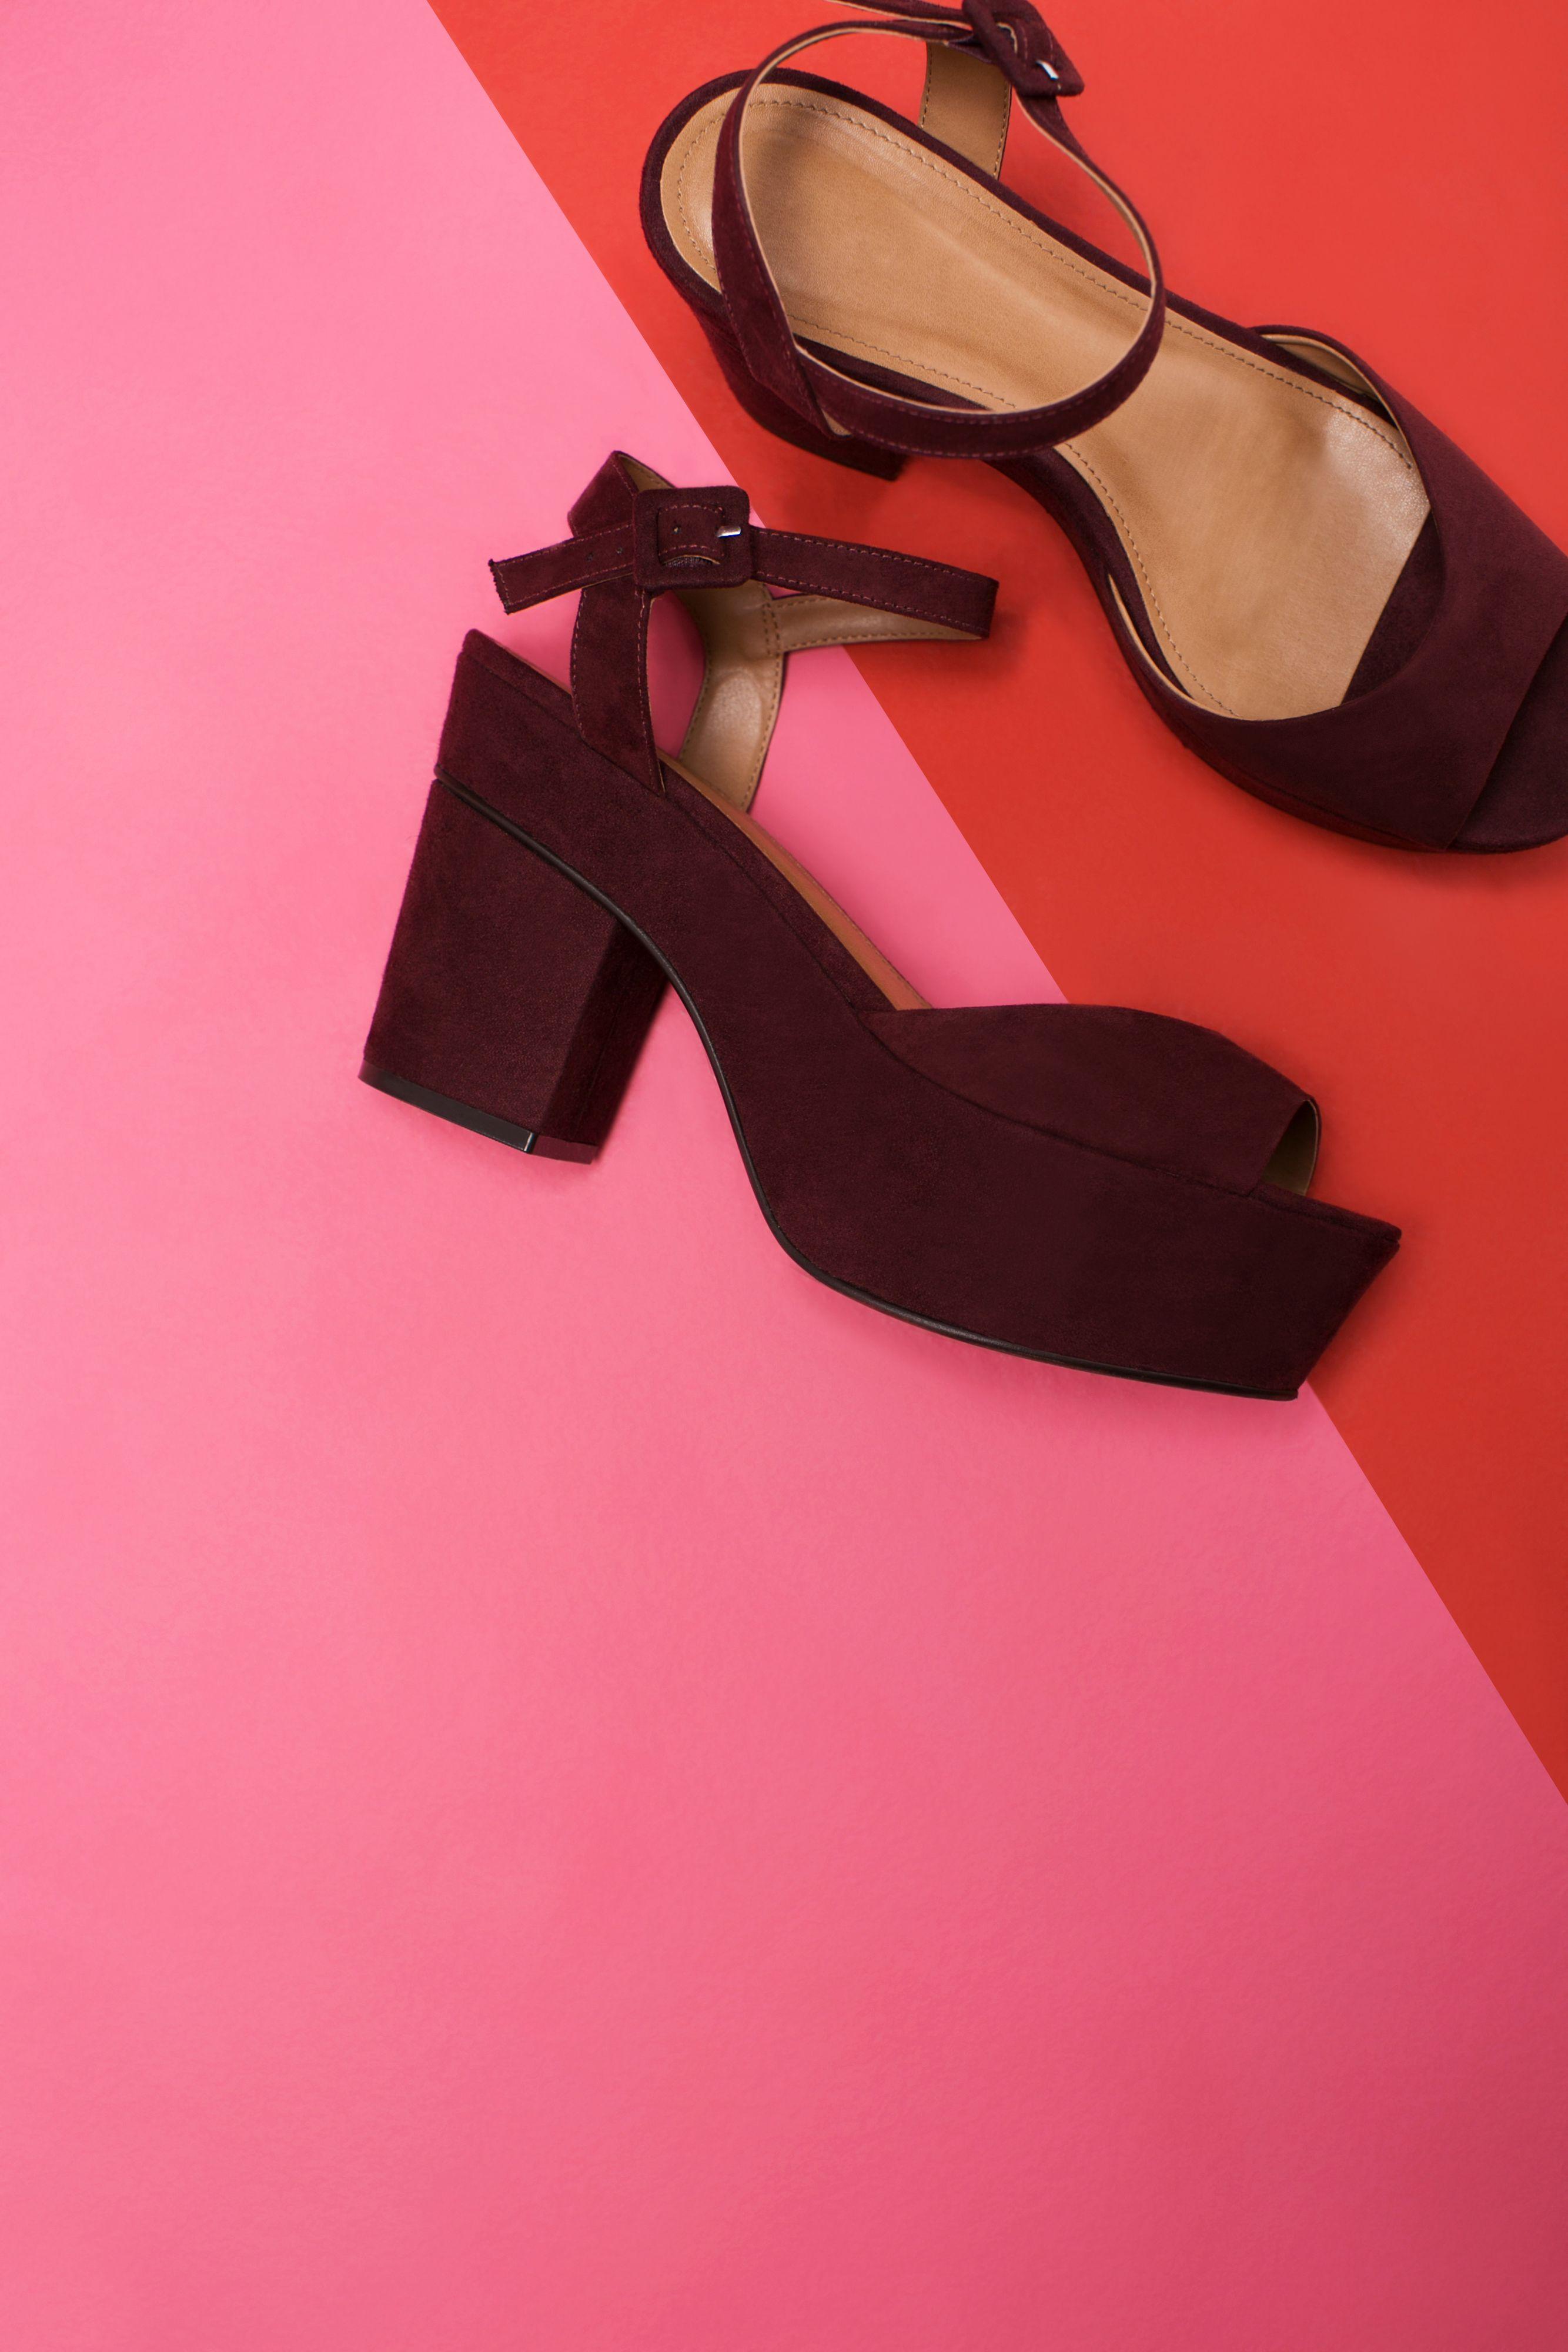 b88727eb2 Sandália feminina meia pata cor vinho | sapatos | Sapatos, Sandálias ...